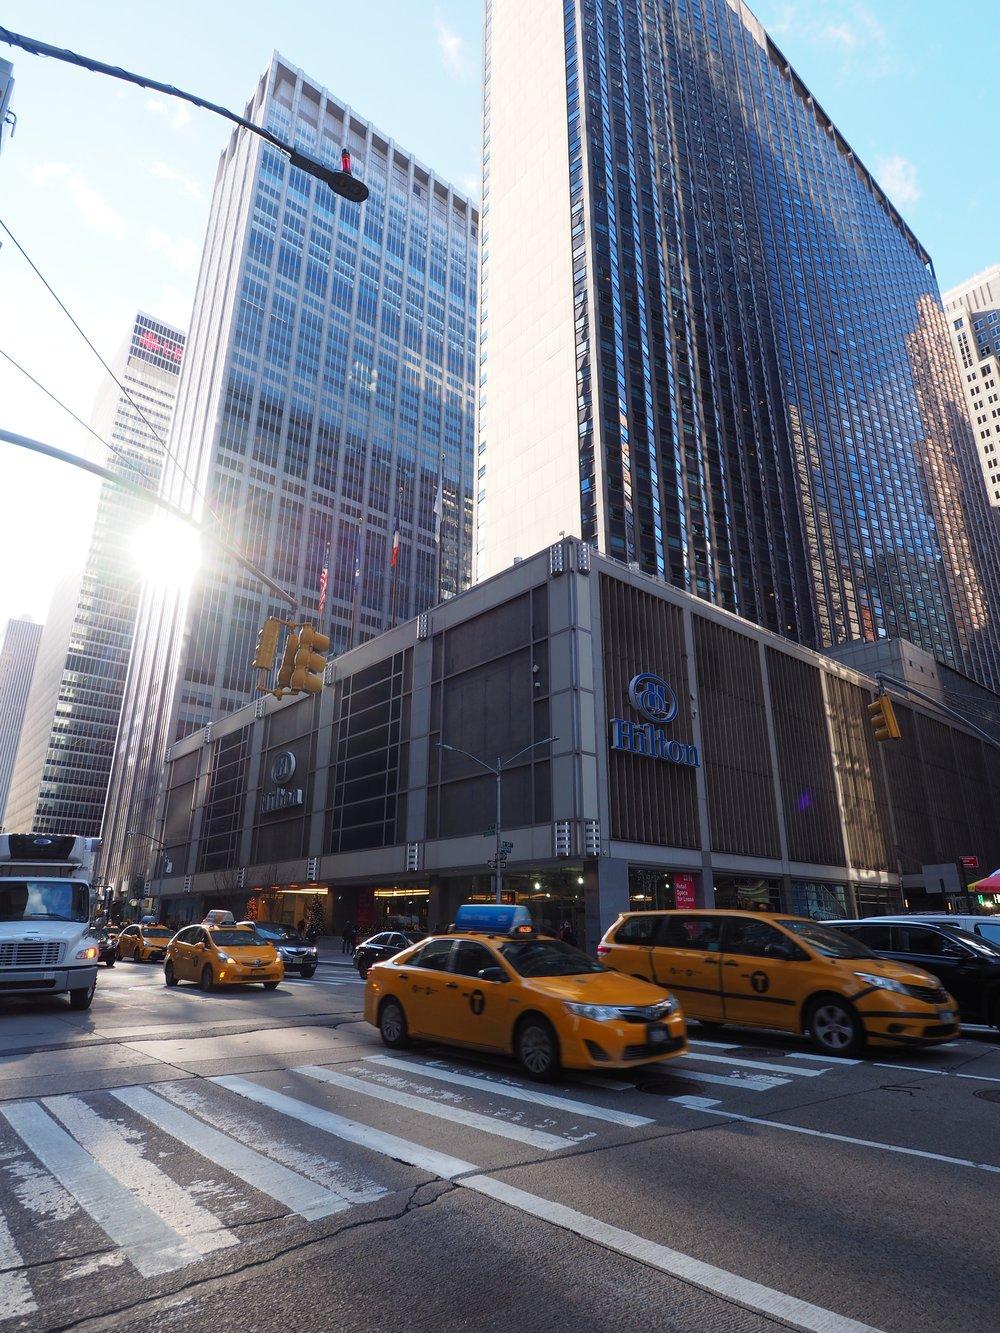 Perjantai:  Aamulenkillä 6th Avenuella ennen viimeistä messupäivää. Messut onnistuivat hyvin sillä tärkeimmät asiakkaat Pohjois-Amerikasta kävivät. Paljon poliisia kadulla. Korttelin päässä muodostetaan uutta hallitusta Trump Towerissa.